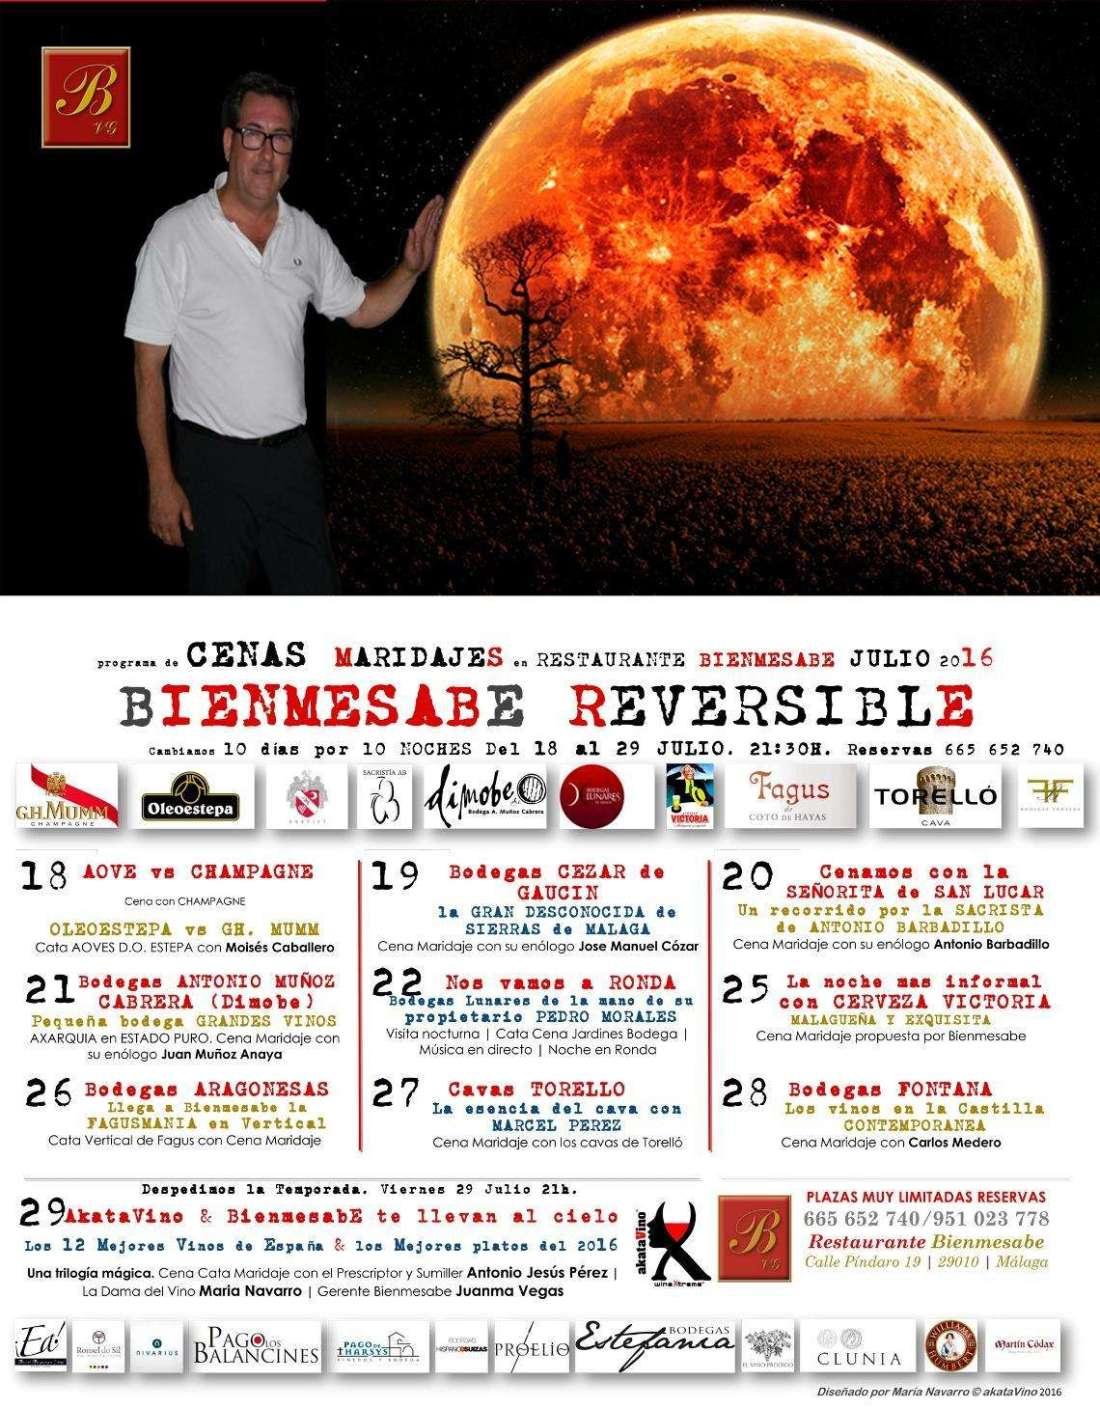 Cartel Bienmesabe Reversible Julio 2016 by akataVino